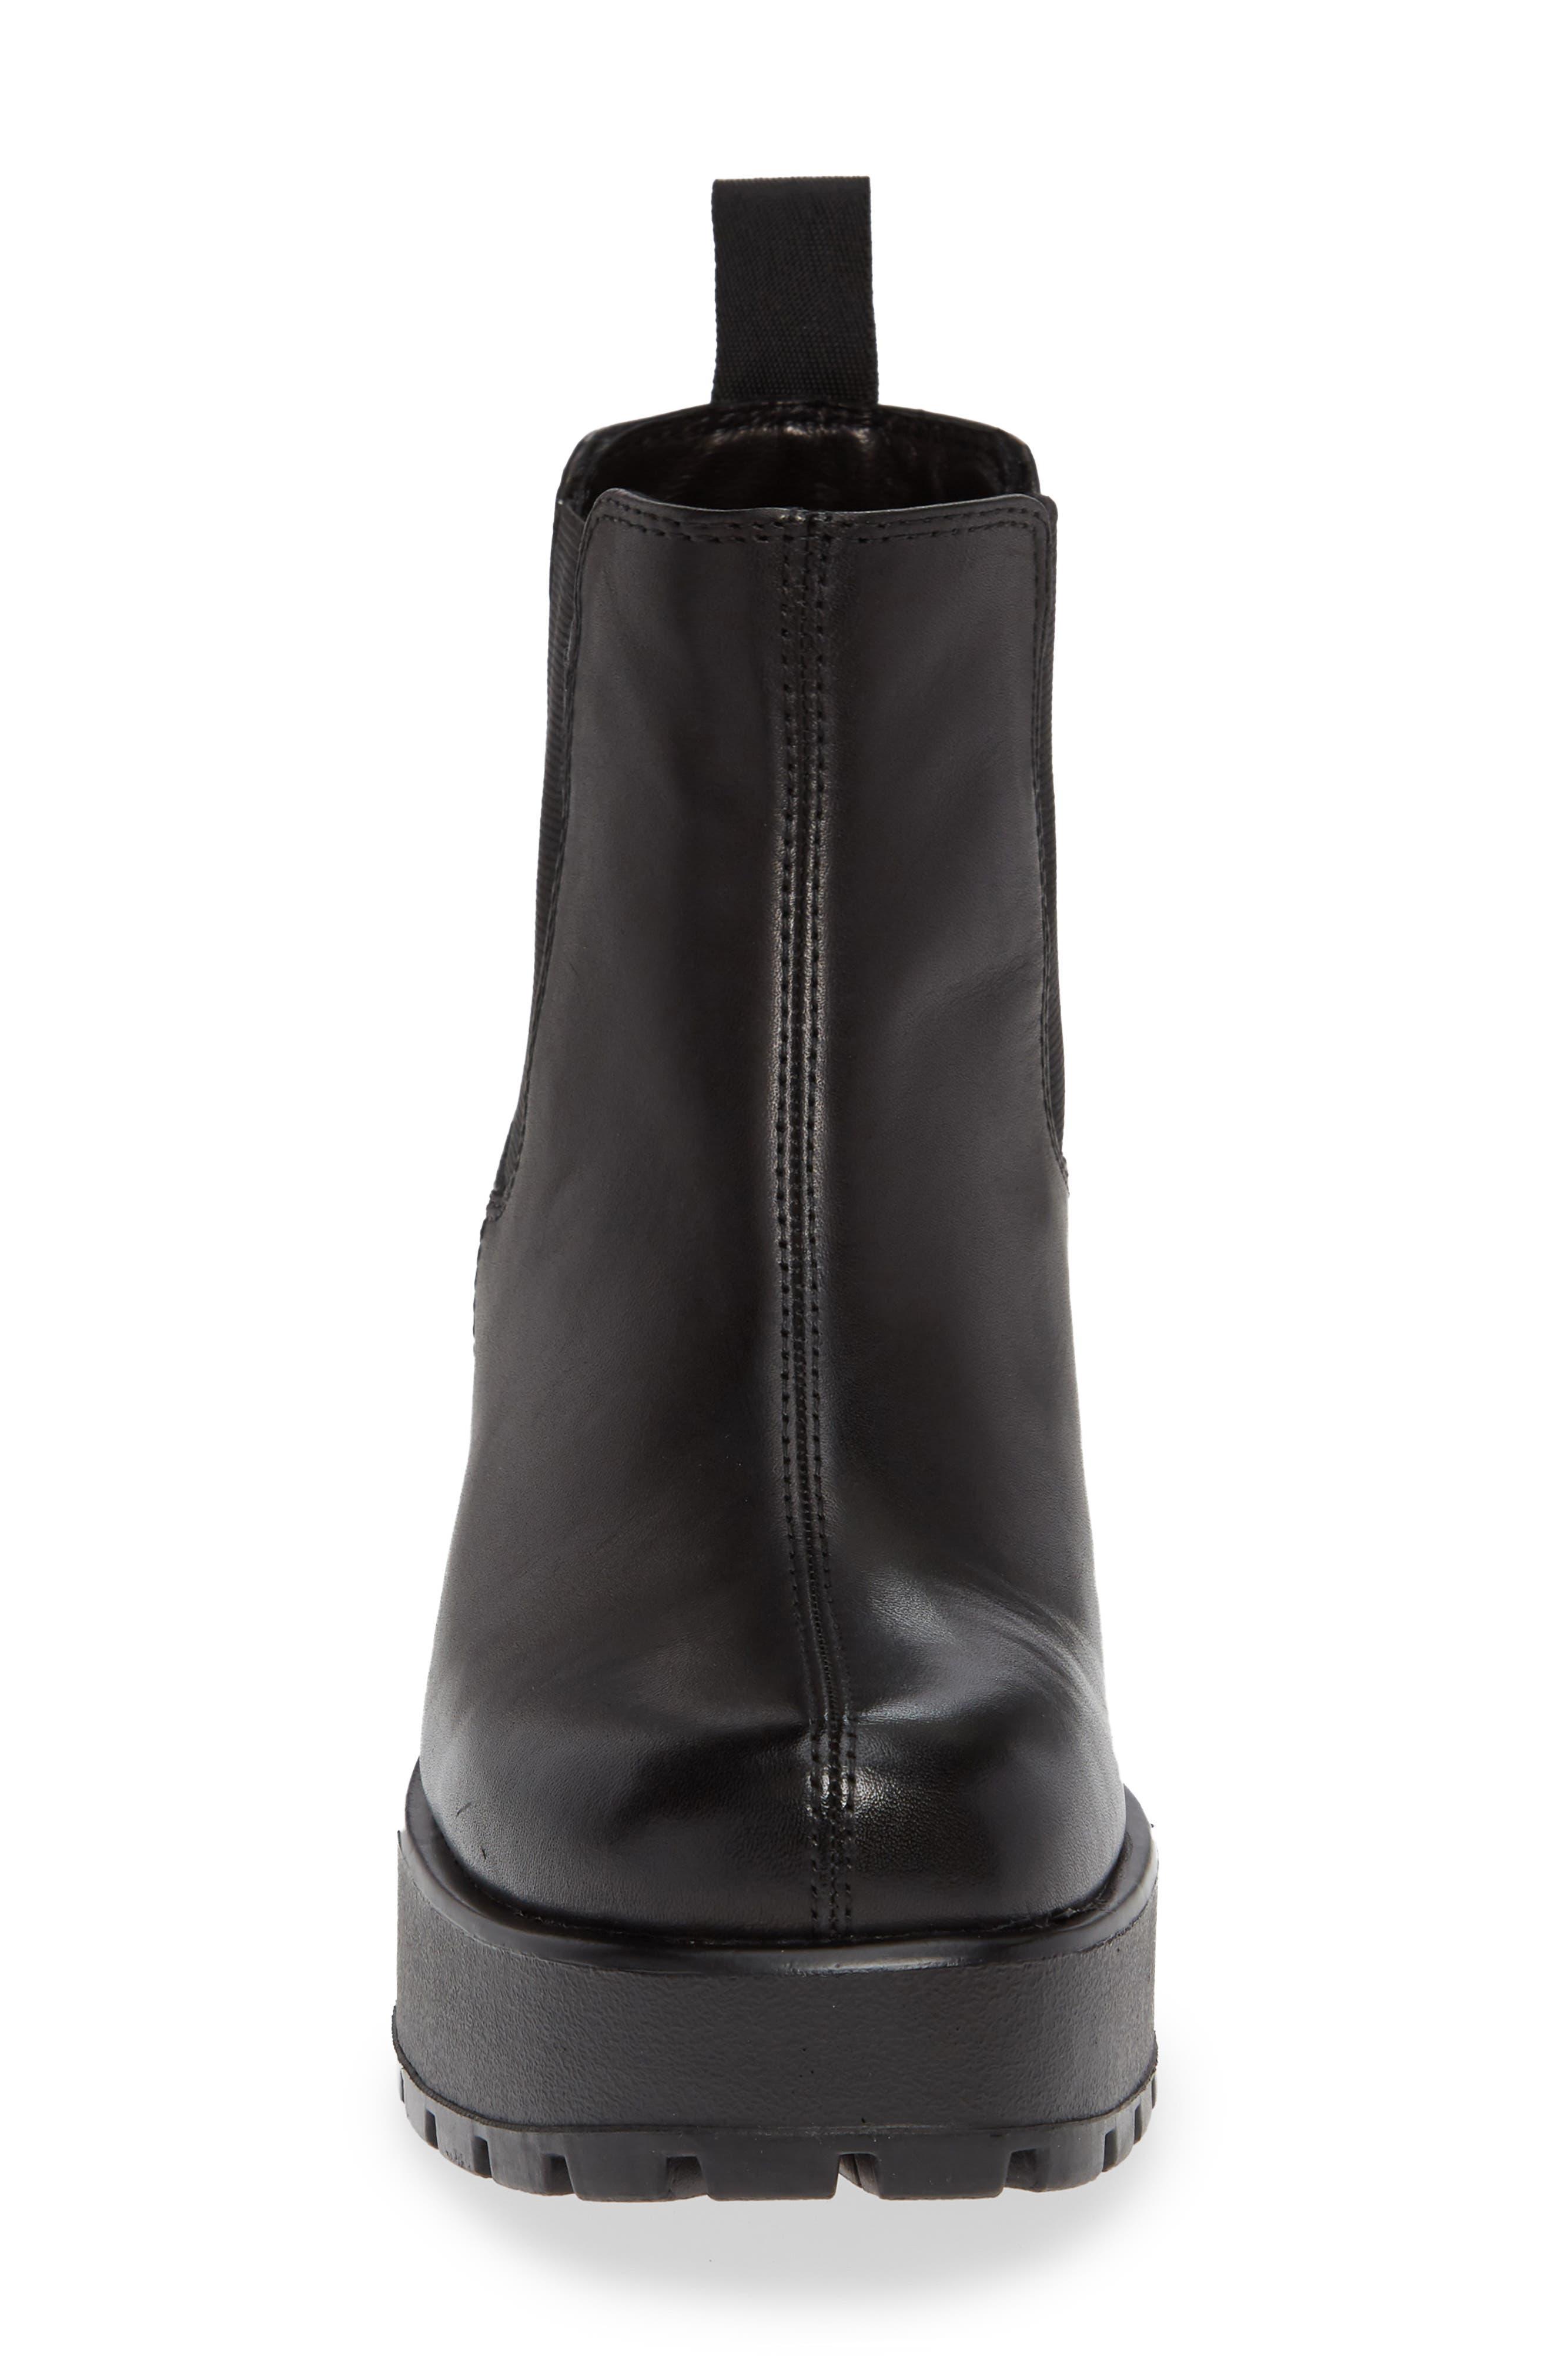 VAGABOND,                             Shoemakers Dioon Platform Chelsea Bootie,                             Alternate thumbnail 4, color,                             BLACK LEATHER